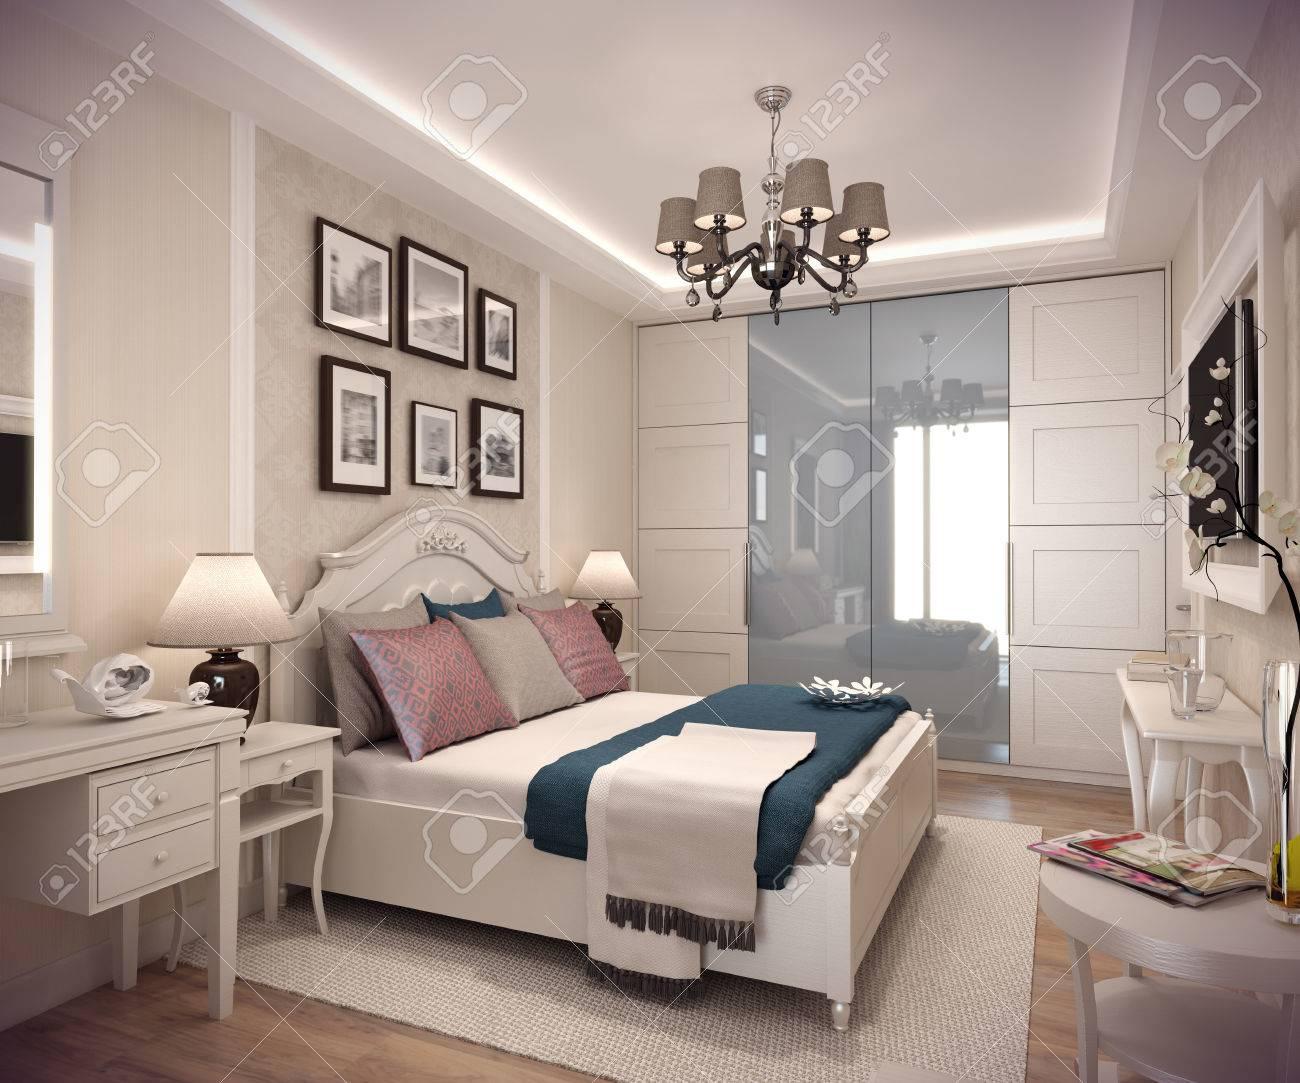 3D Acogedor Dormitorio En Estilo Clsico Cama Enorme Con Numerosas